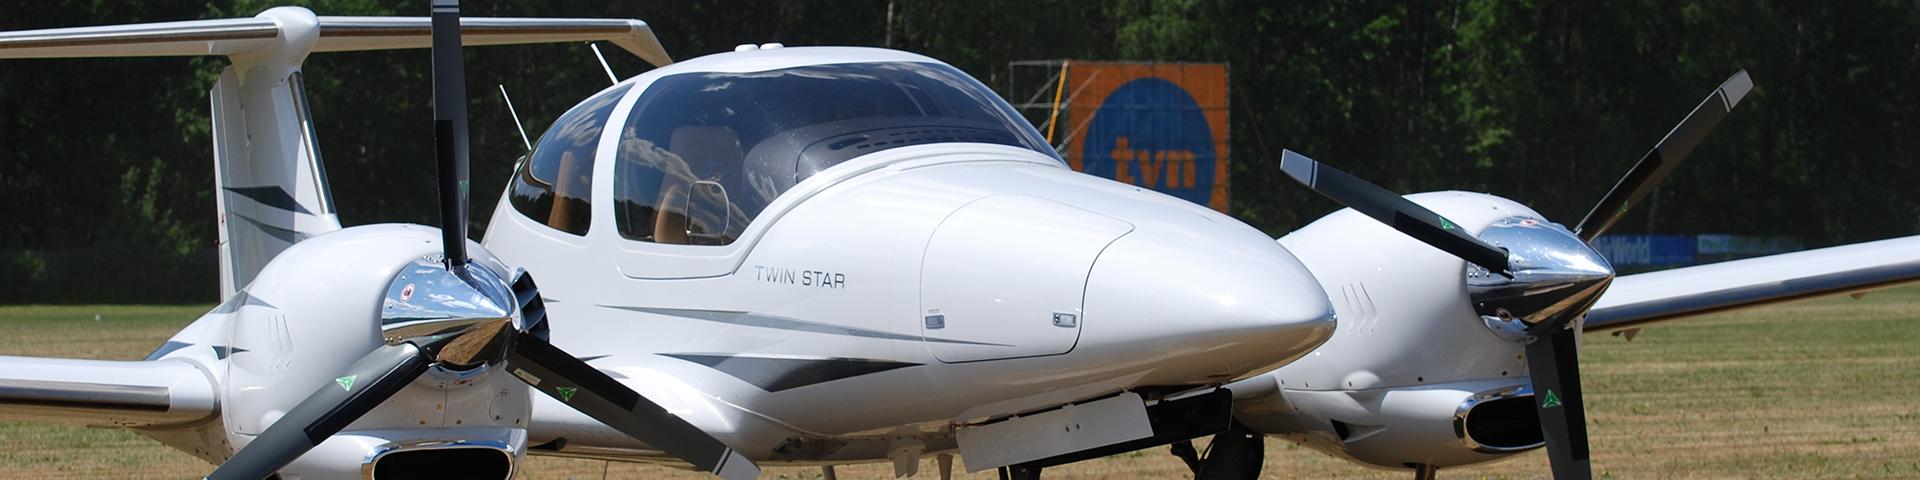 Diamond DA42 Twin Star SP NBA   static 33180159251 - Diamond DA42 Twin Star Air Charter